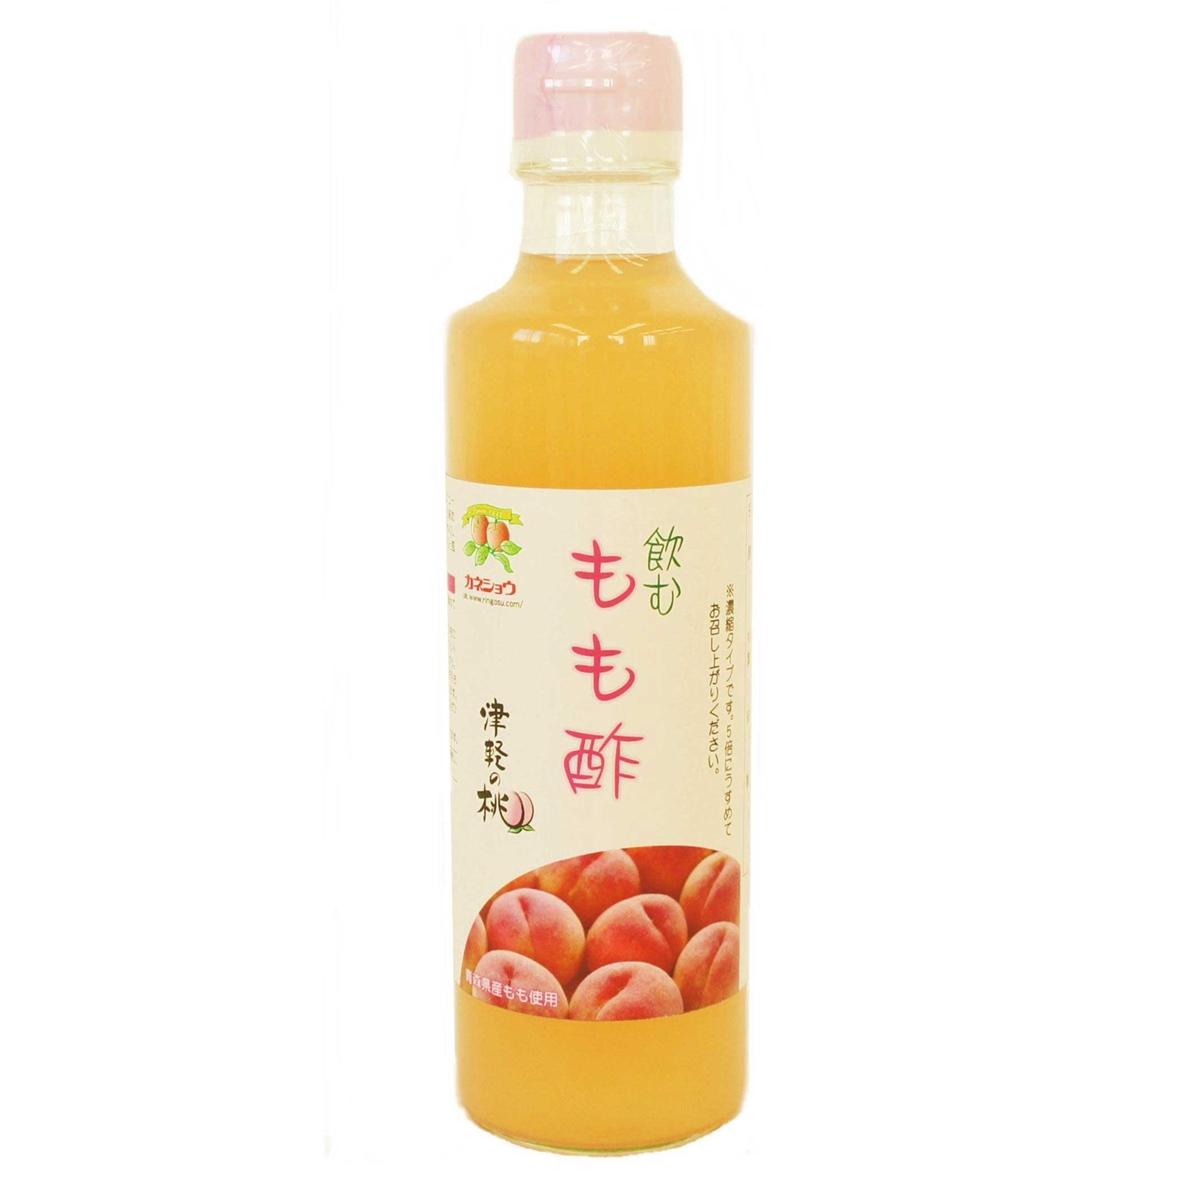 桃のフルーティな香りと風味豊かな果実酢です フルーツビネガーもも酢 発売モデル ランキングTOP10 275ml 飲むもも酢